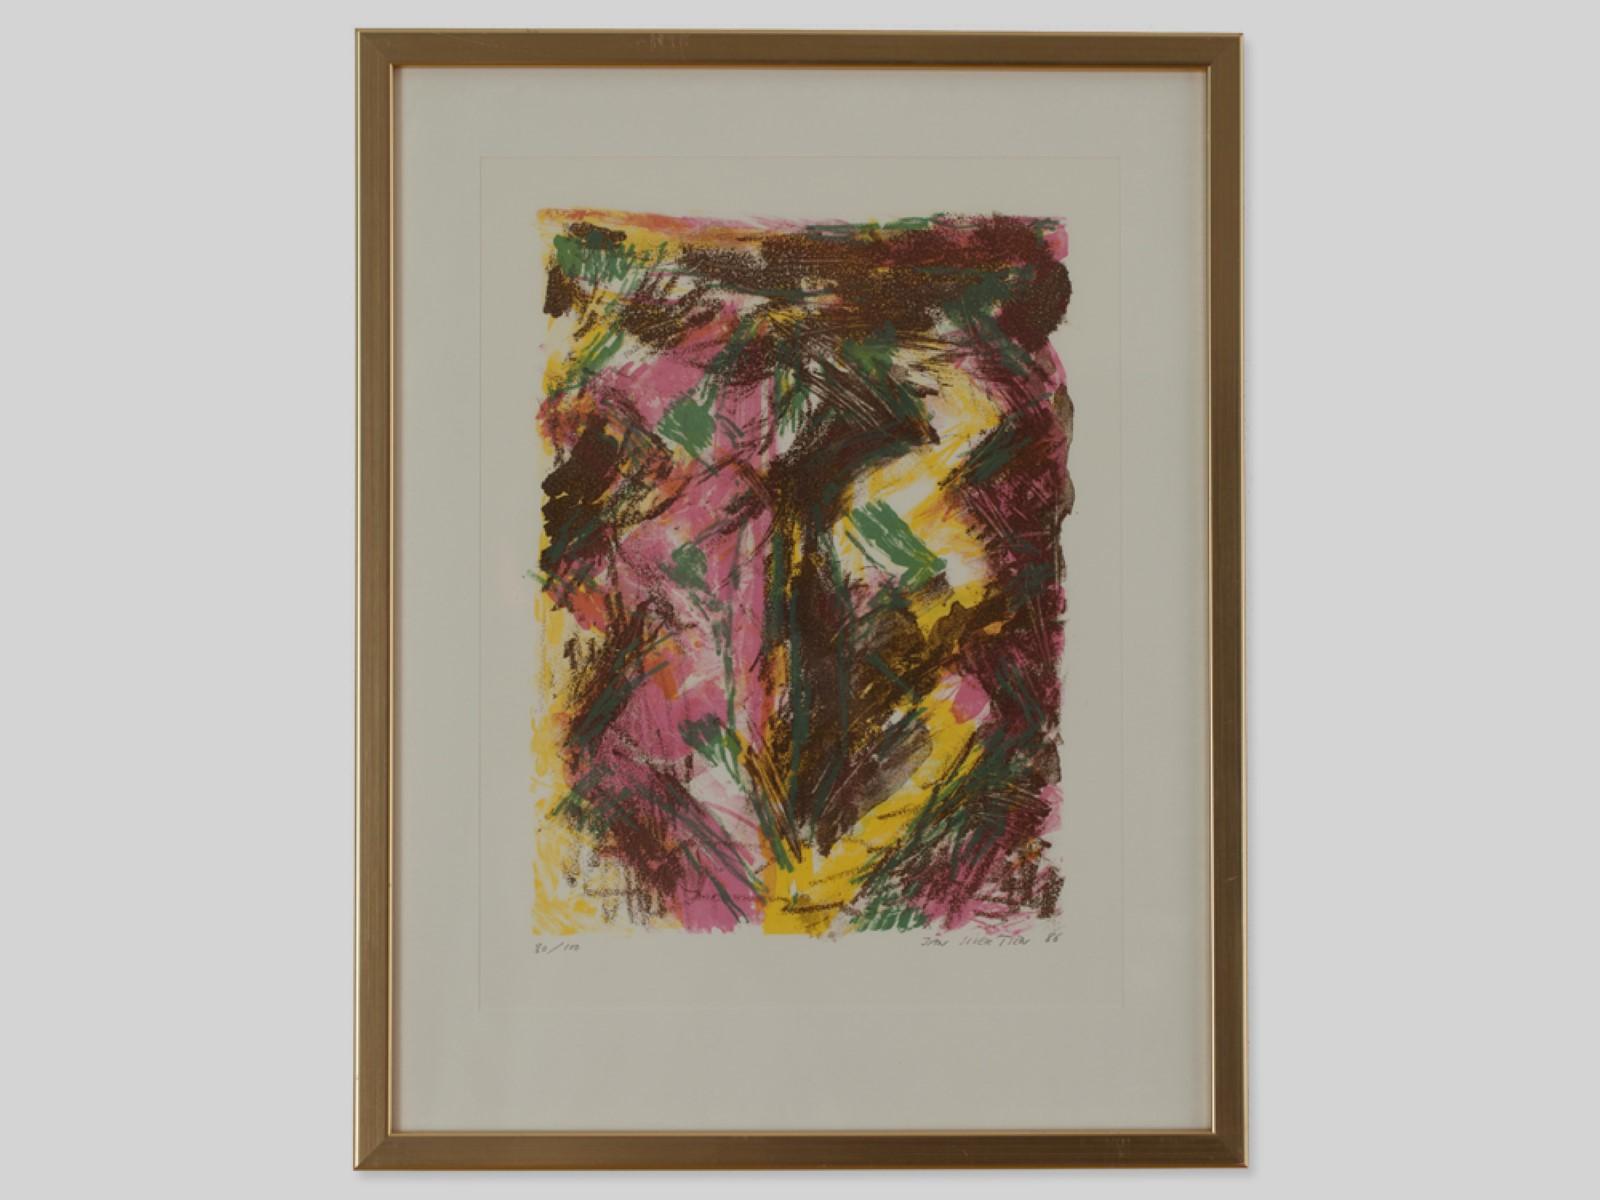 #71 Jan Sivertsen* (1951), Abstract Composition 1986   Jan Sivertsen* (1951), Abstrakte Komposition 1986 Image